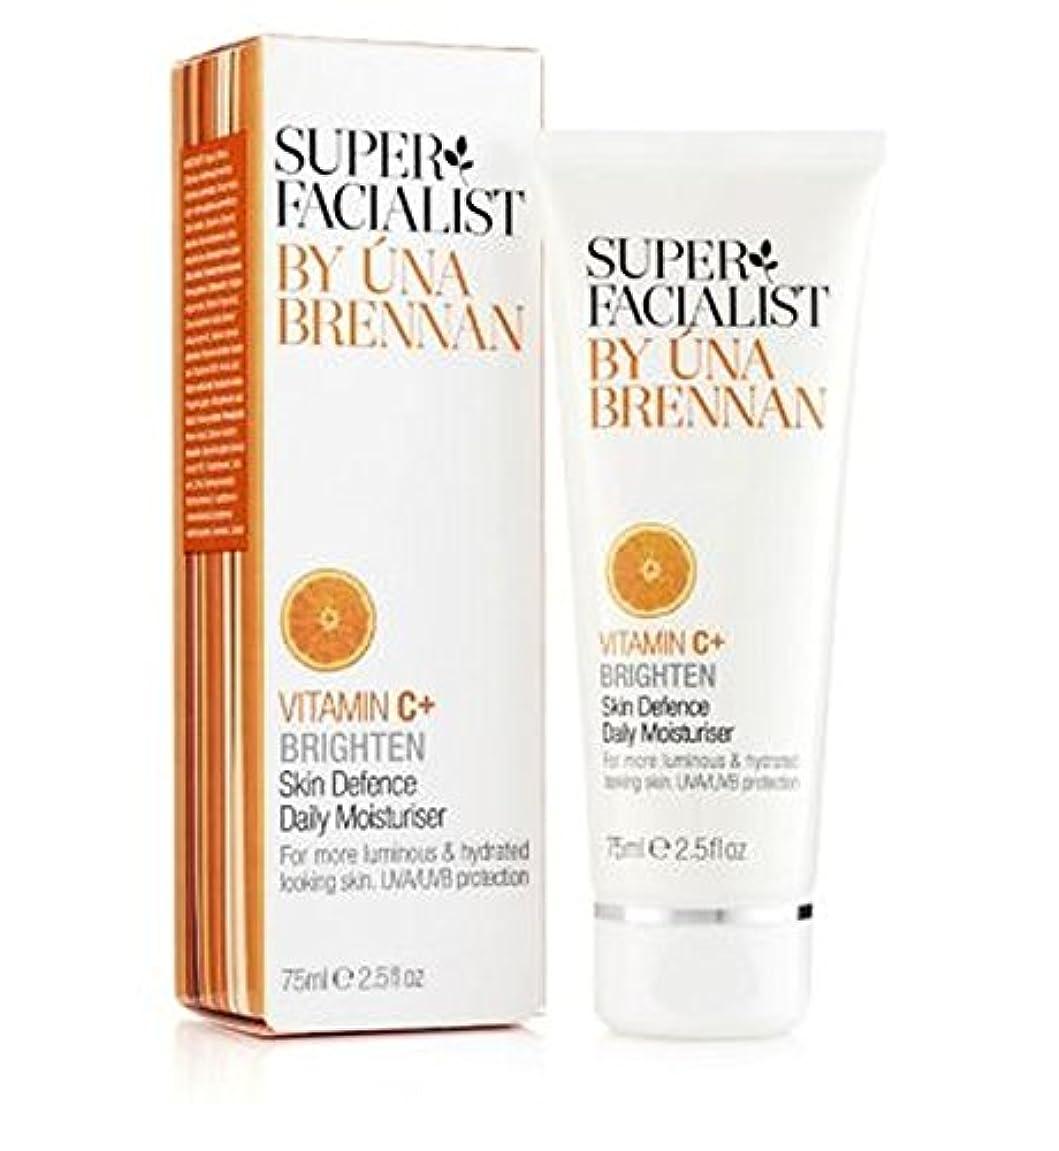 枝受信取り除くSuper Facialist Vitamin C+ Skin Defence Daily Moisturiser 75ml - スーパーFacialistのビタミンC +皮膚の防衛毎日の保湿75ミリリットル (Superfacialist...